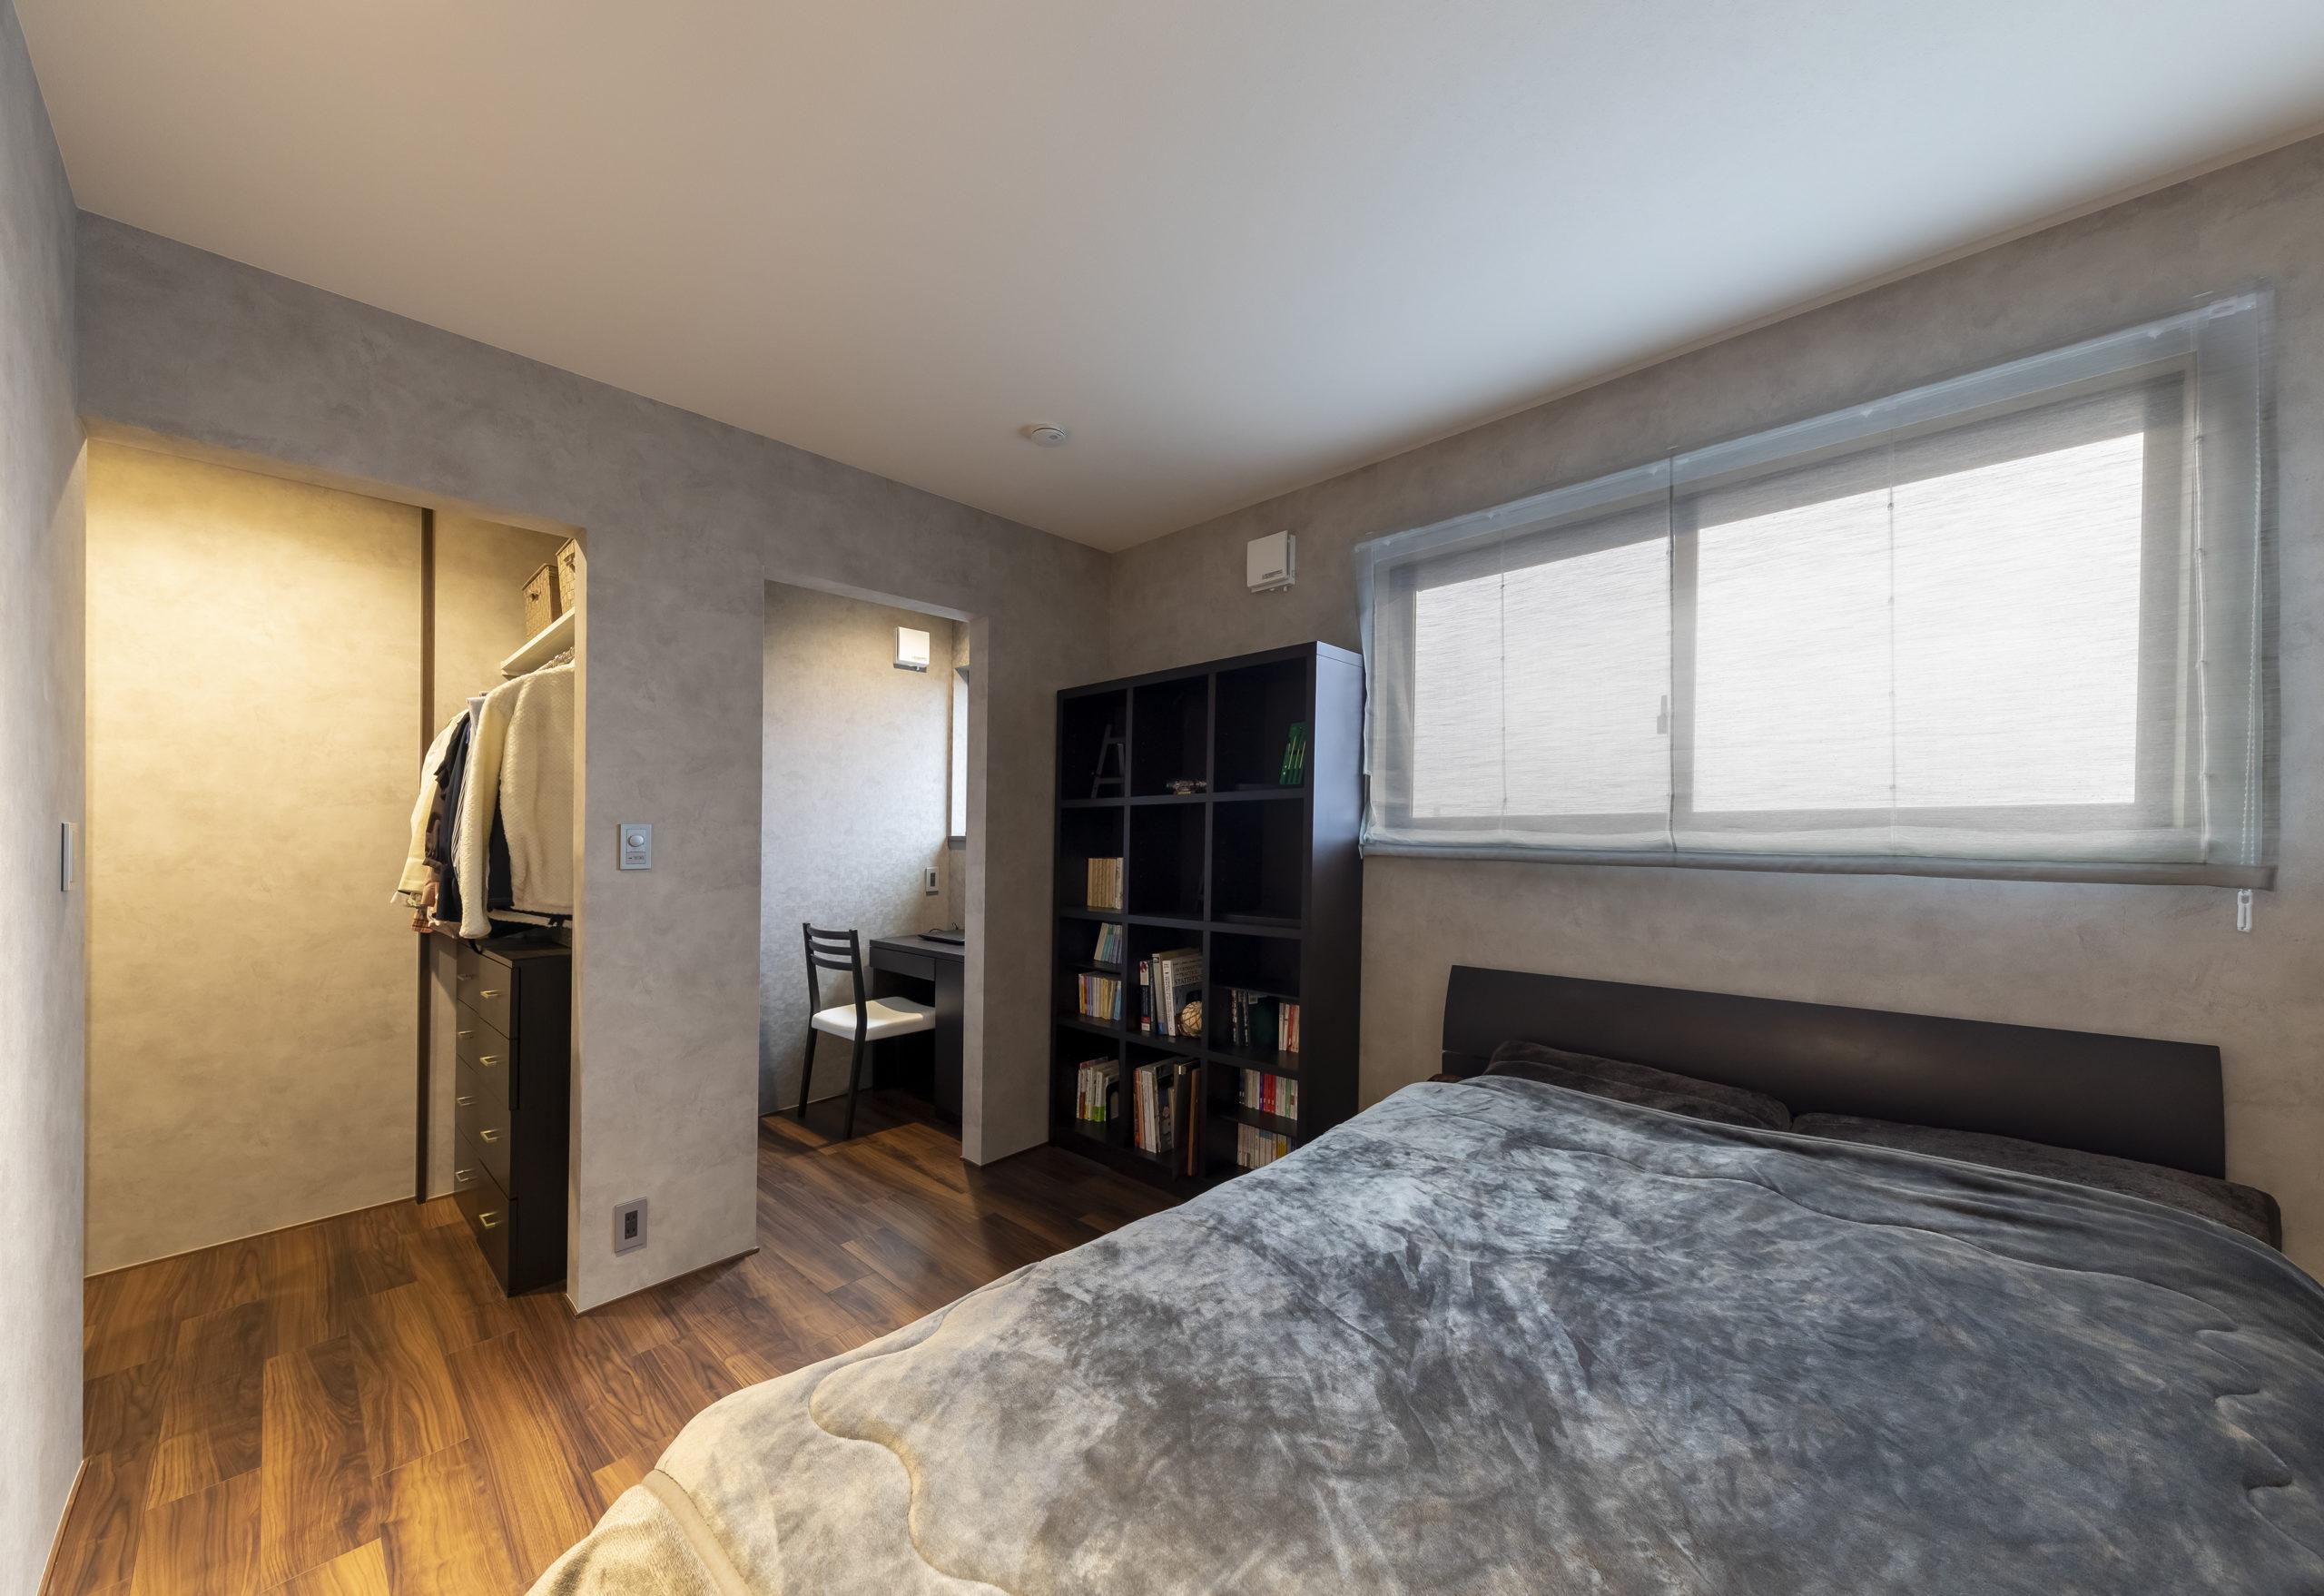 2F子世帯、ランドリールームに直接つながるウォークインクローゼットに、 テレワークにも大活躍の書斎を備えた寝室